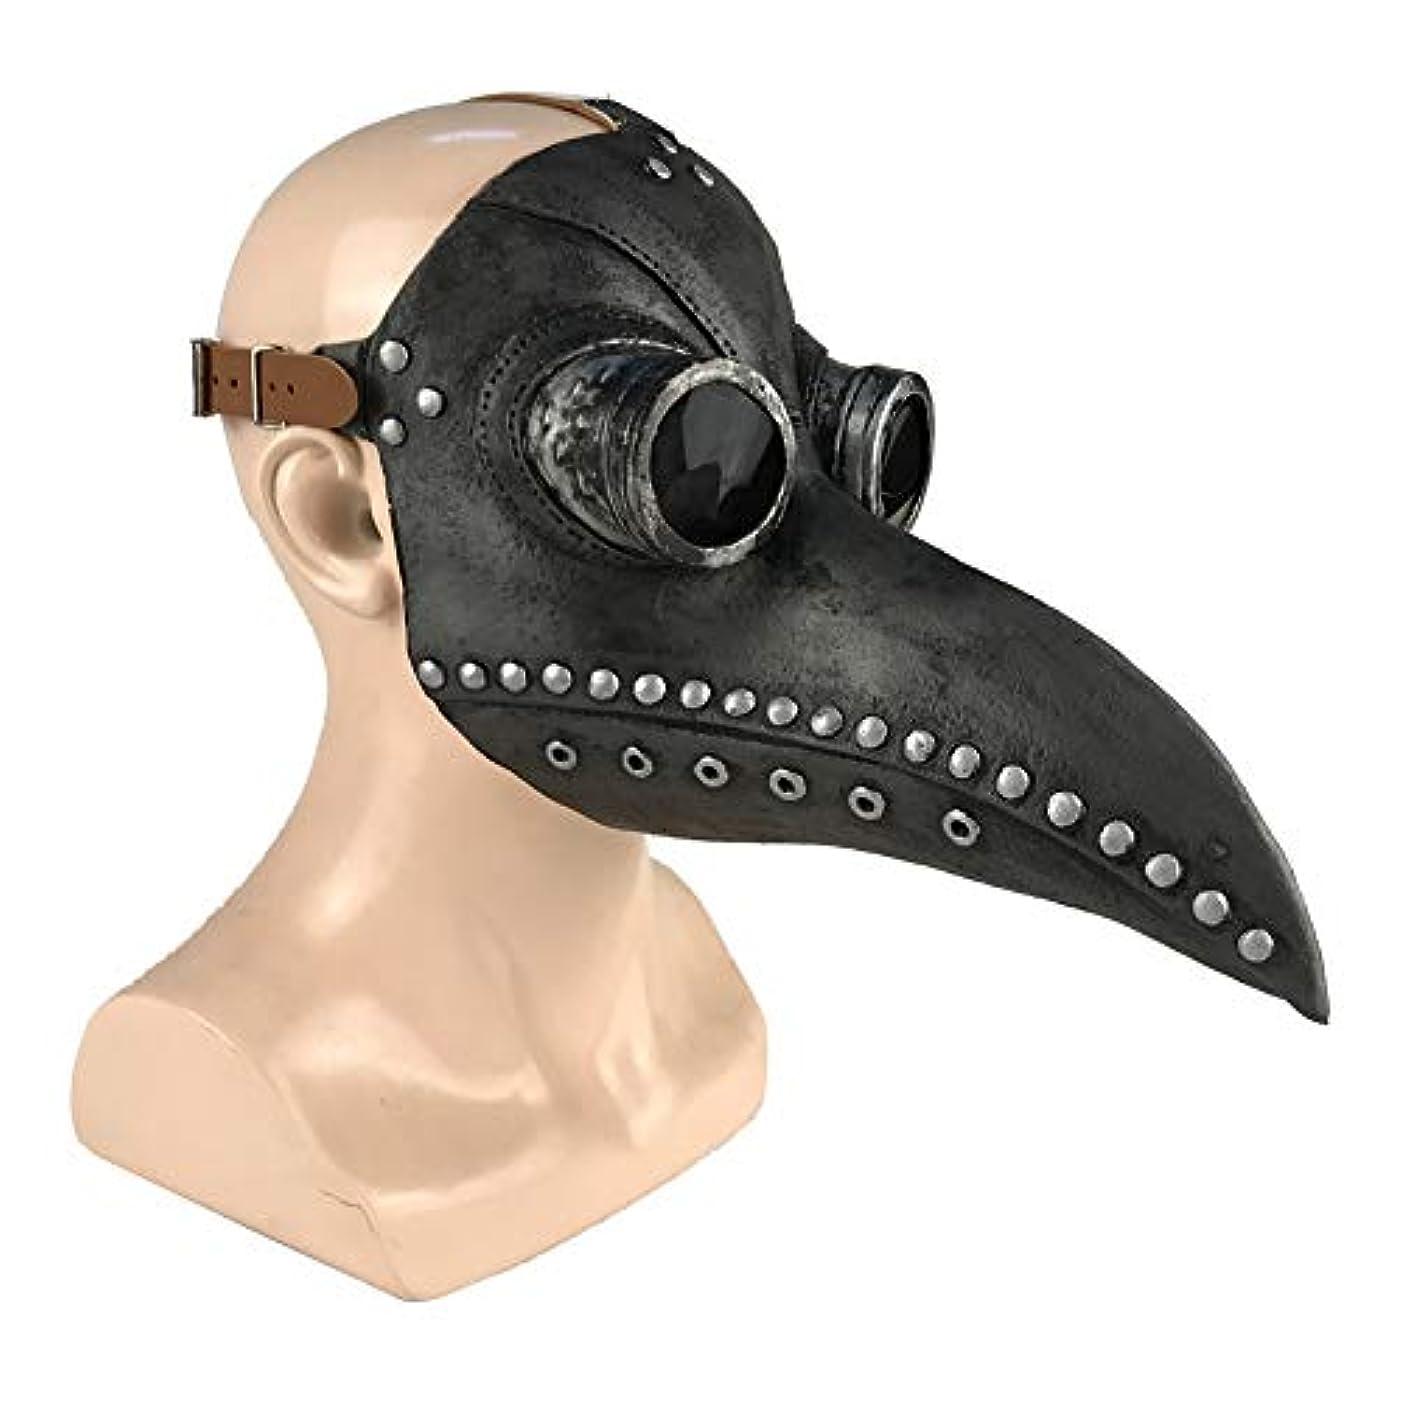 魅了するシリアルブレースEsolom ハロウィンマスク ペストスチーム喙ドクターマスク ホリデーパーティー用品 黒 銅の爪 ホラーマスク ハロウィンデコレーション 通気性